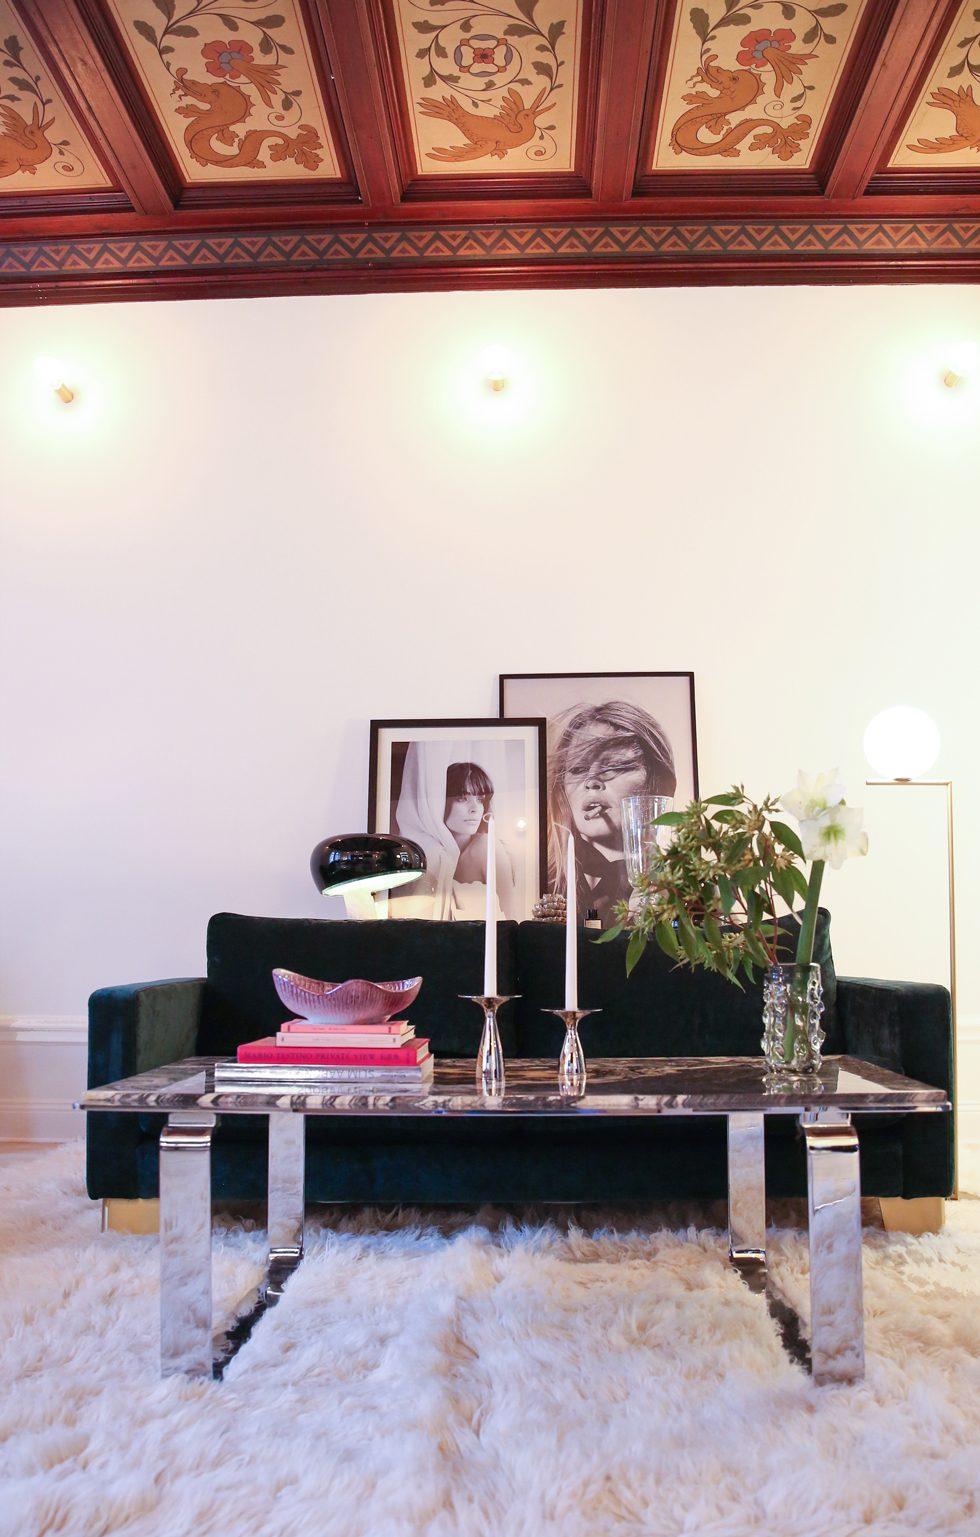 Petra-Tungården-lägenhet-Inredning-